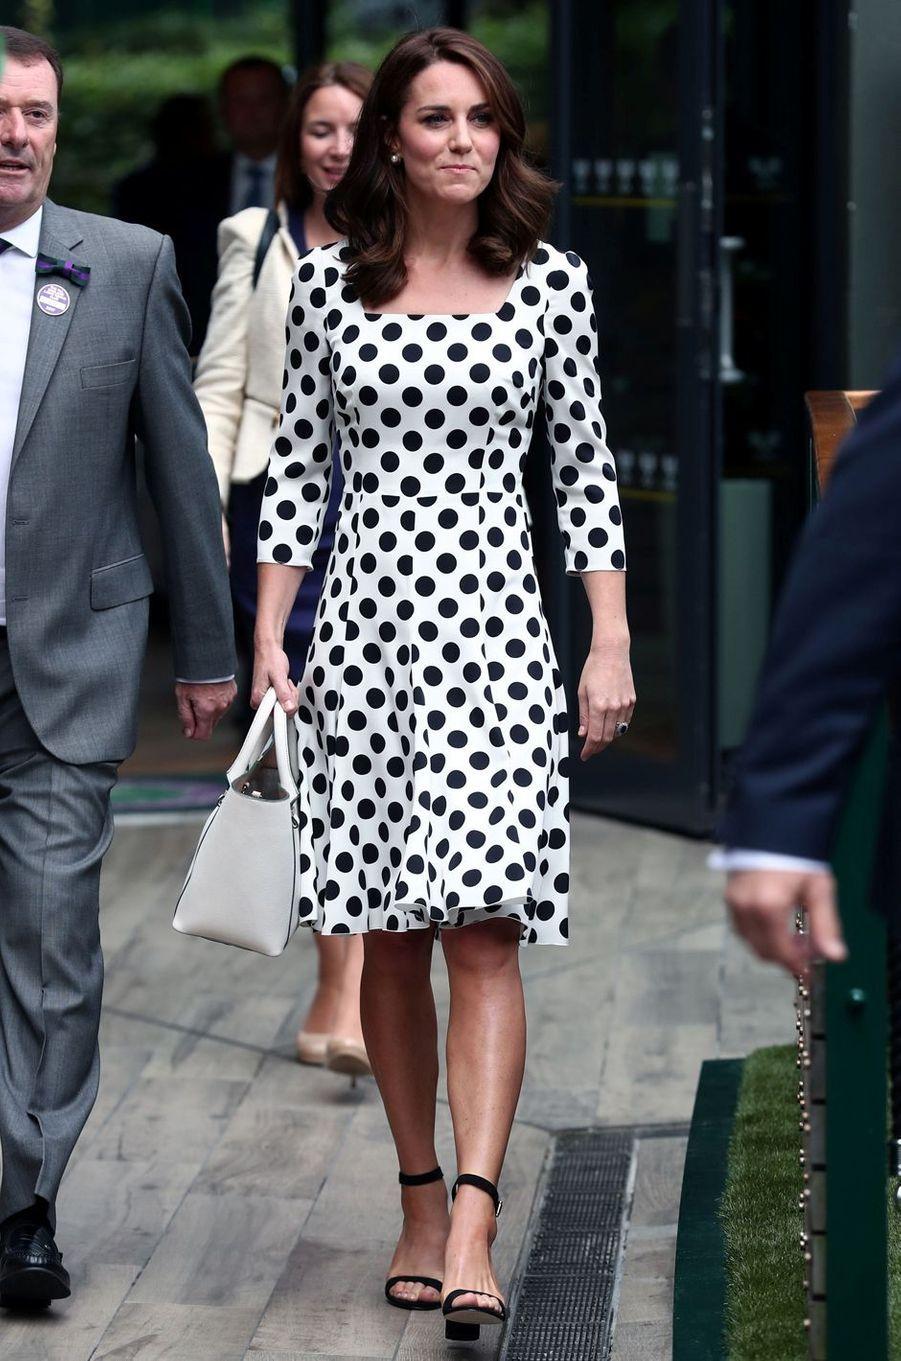 La duchesse de Cambridge, Kate Middleton, dans une robe Dolce & Gabbana à Wimbledon, le 3 juillet 2017